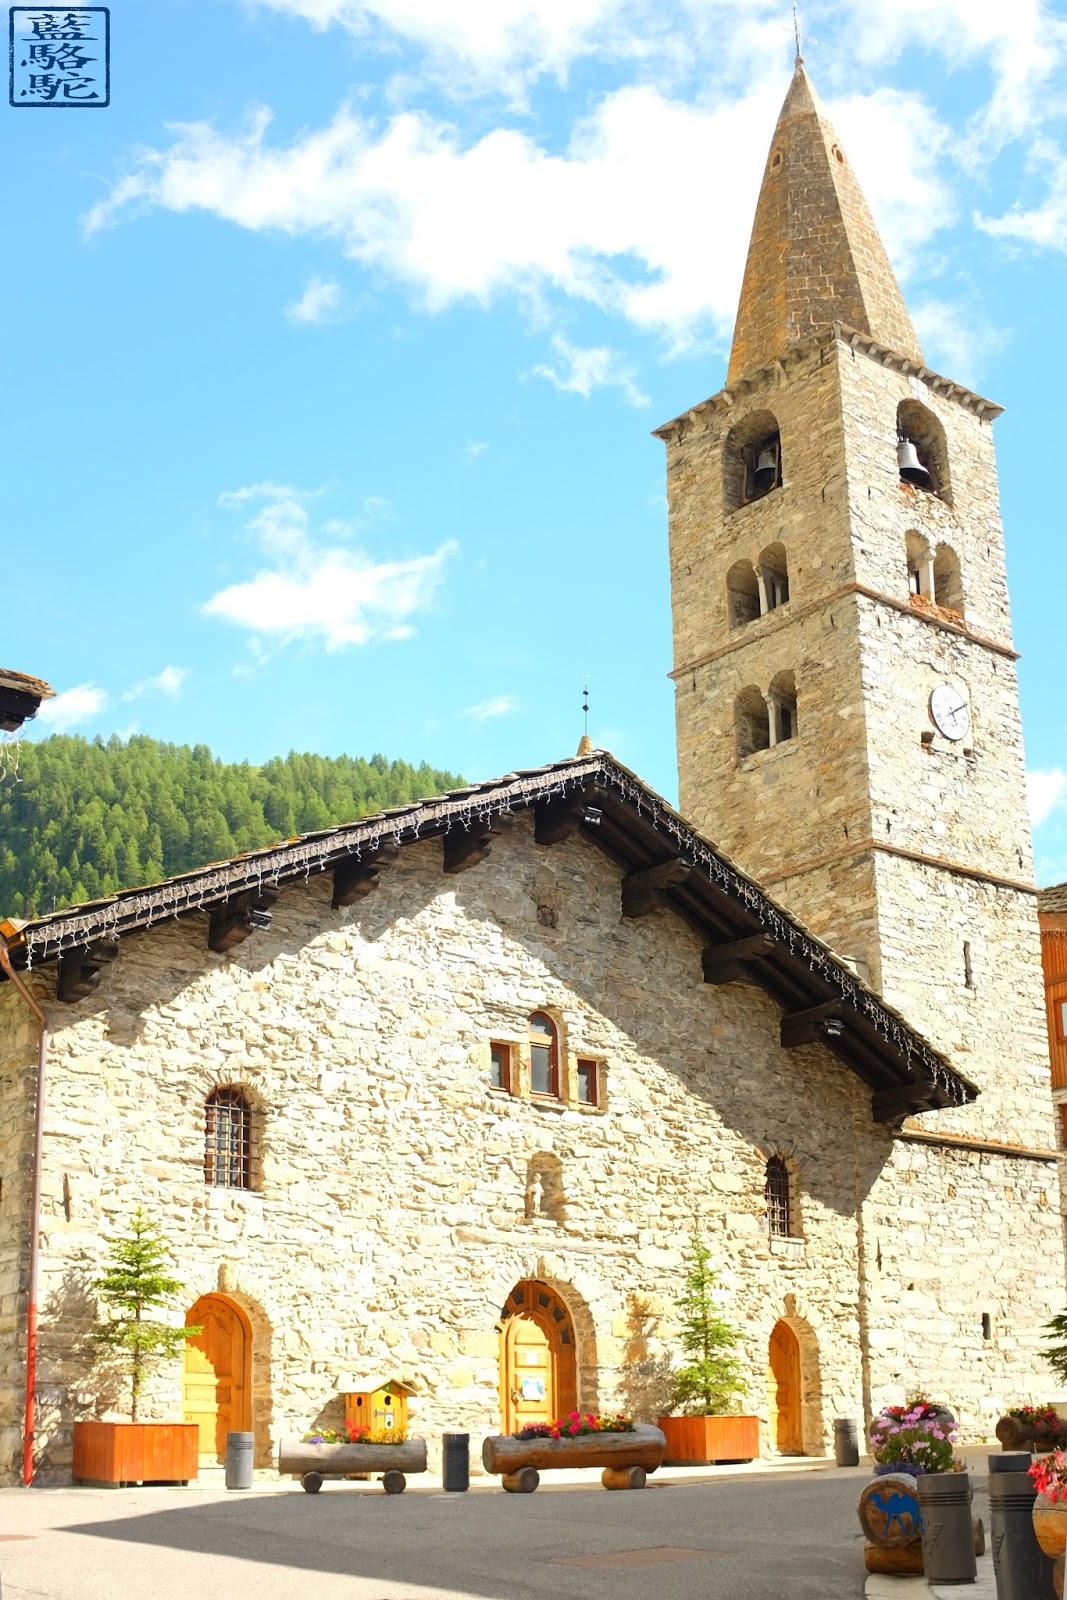 Le Chameau Bleu - Blog Voyage Val d'Isère - Eglise  de Val d'isere